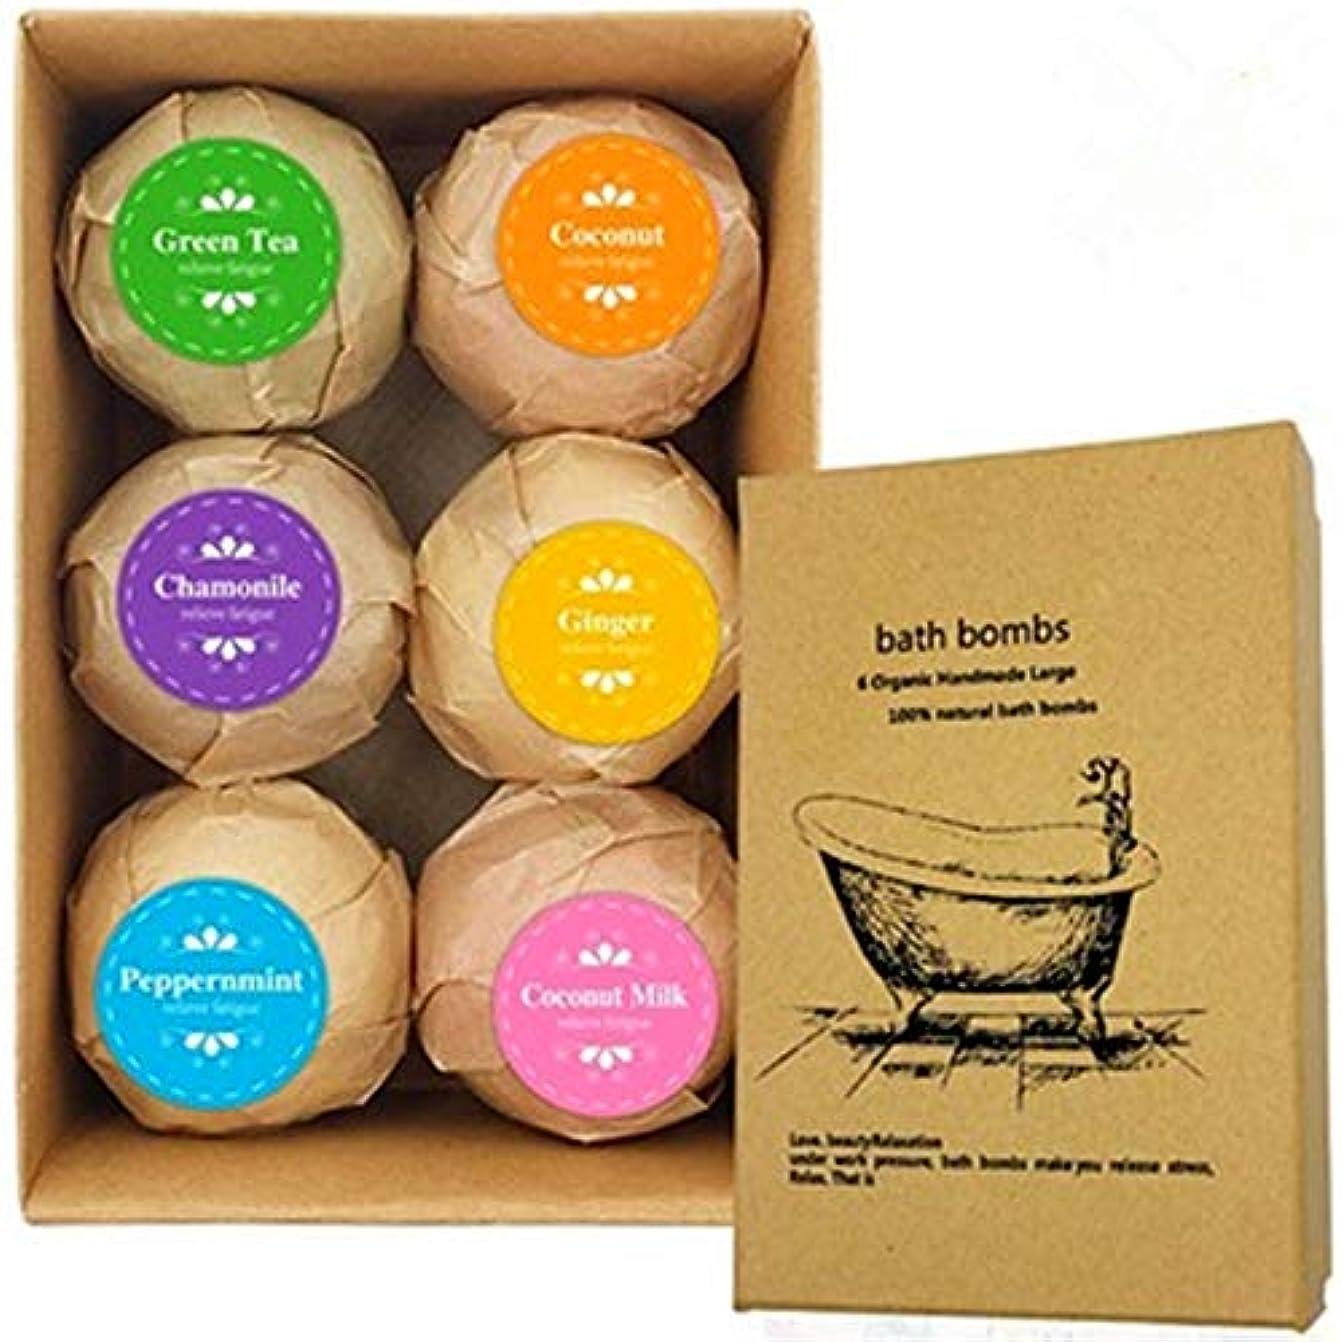 マトリックス調和のとれた人工バスボム 入浴剤 炭酸 バスボール 6つの香り 手作り 入浴料 うるおいプラス お風呂用 入浴剤 ギフトセット6枚 贈り物 プレゼント最適